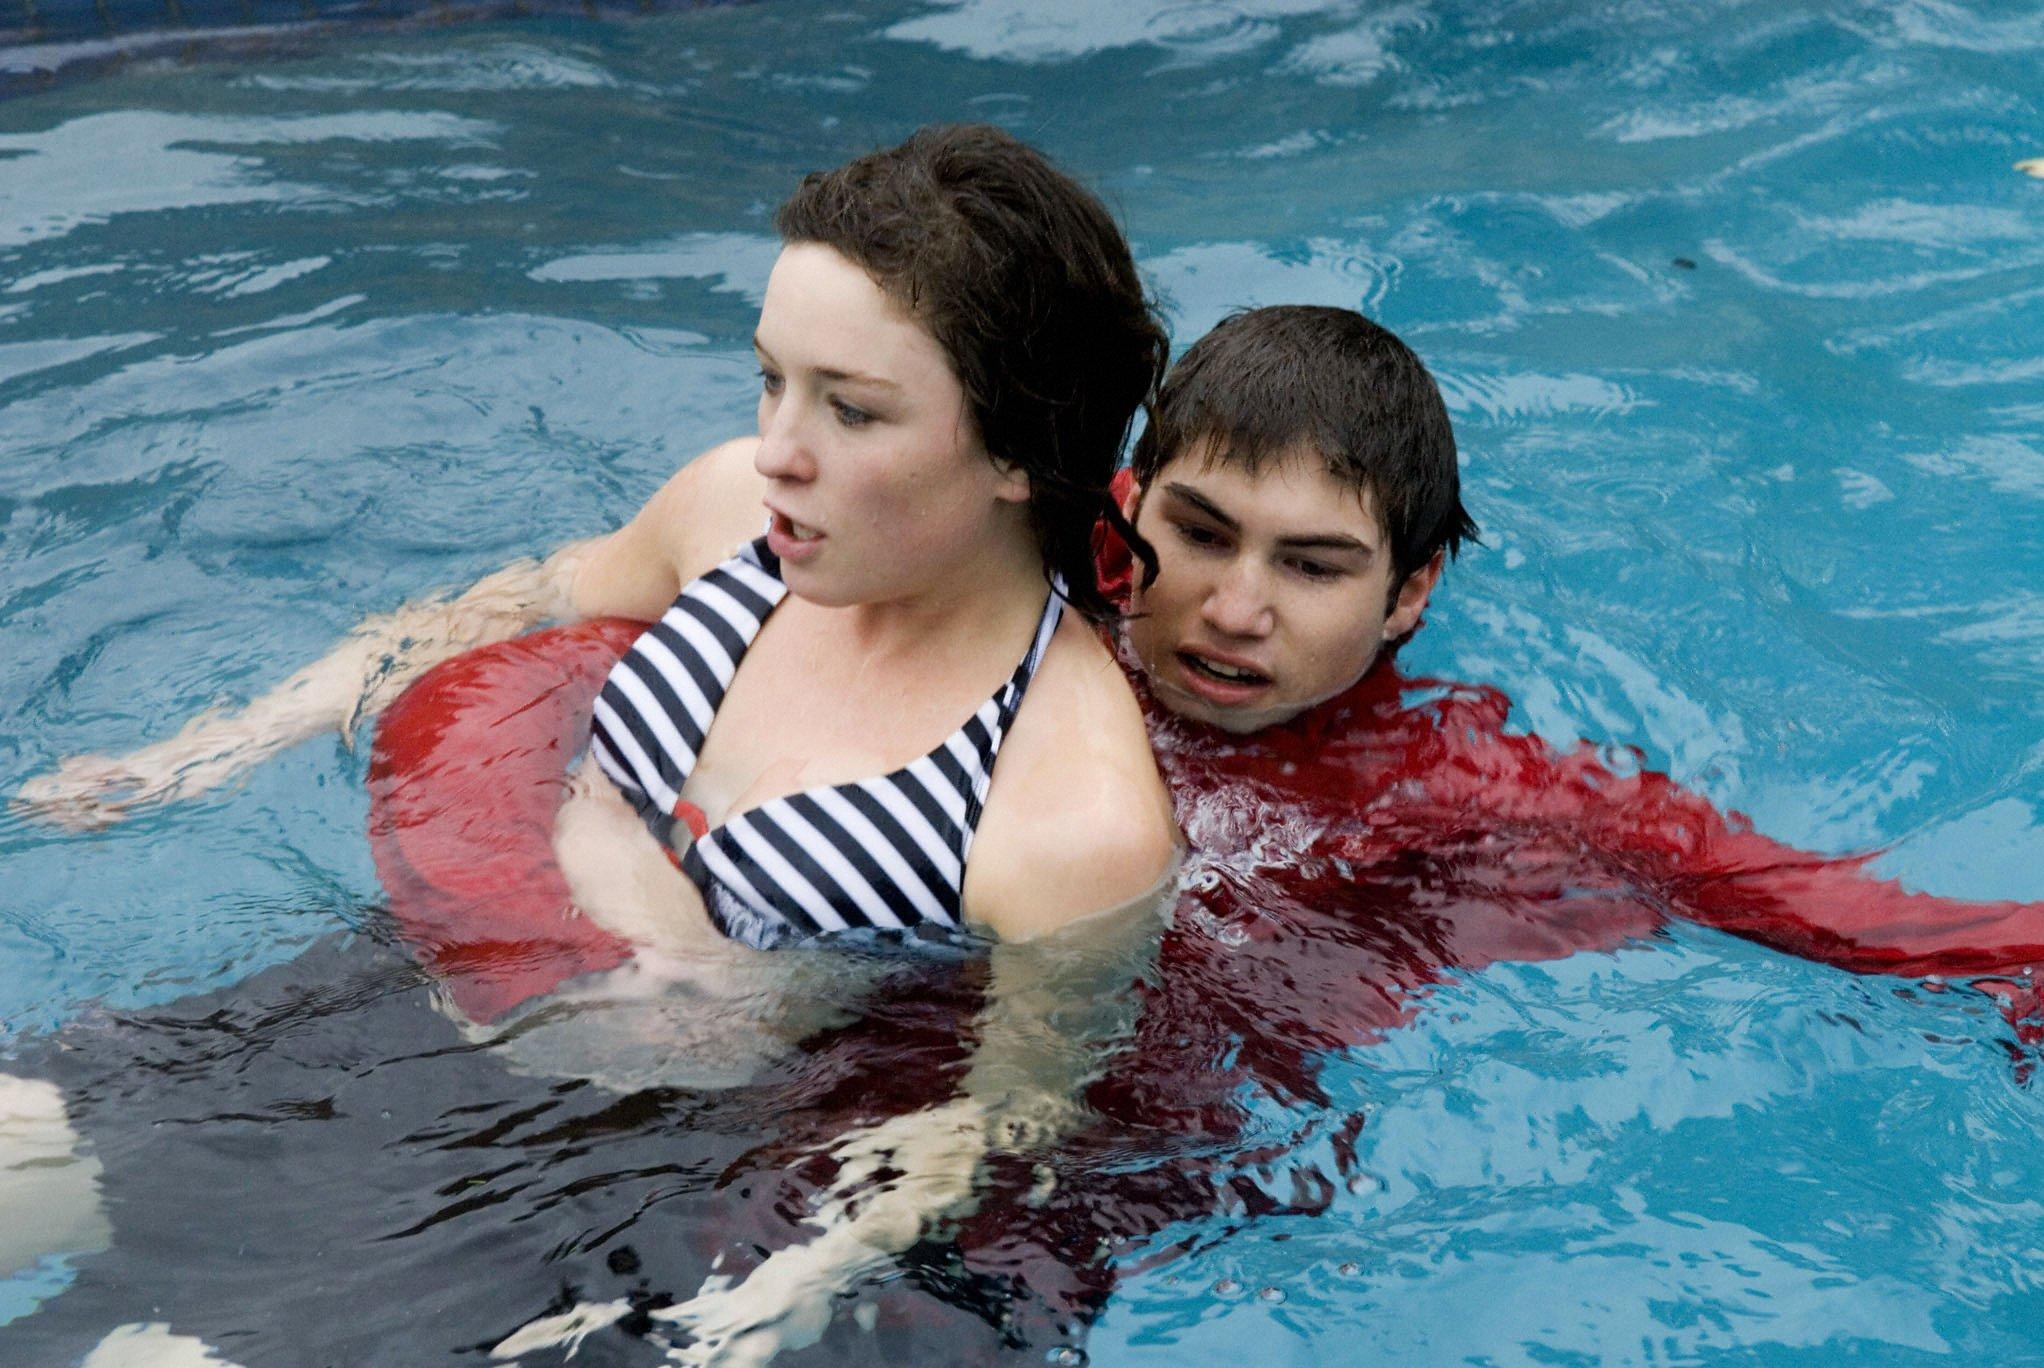 Declan saves drowning Bridget